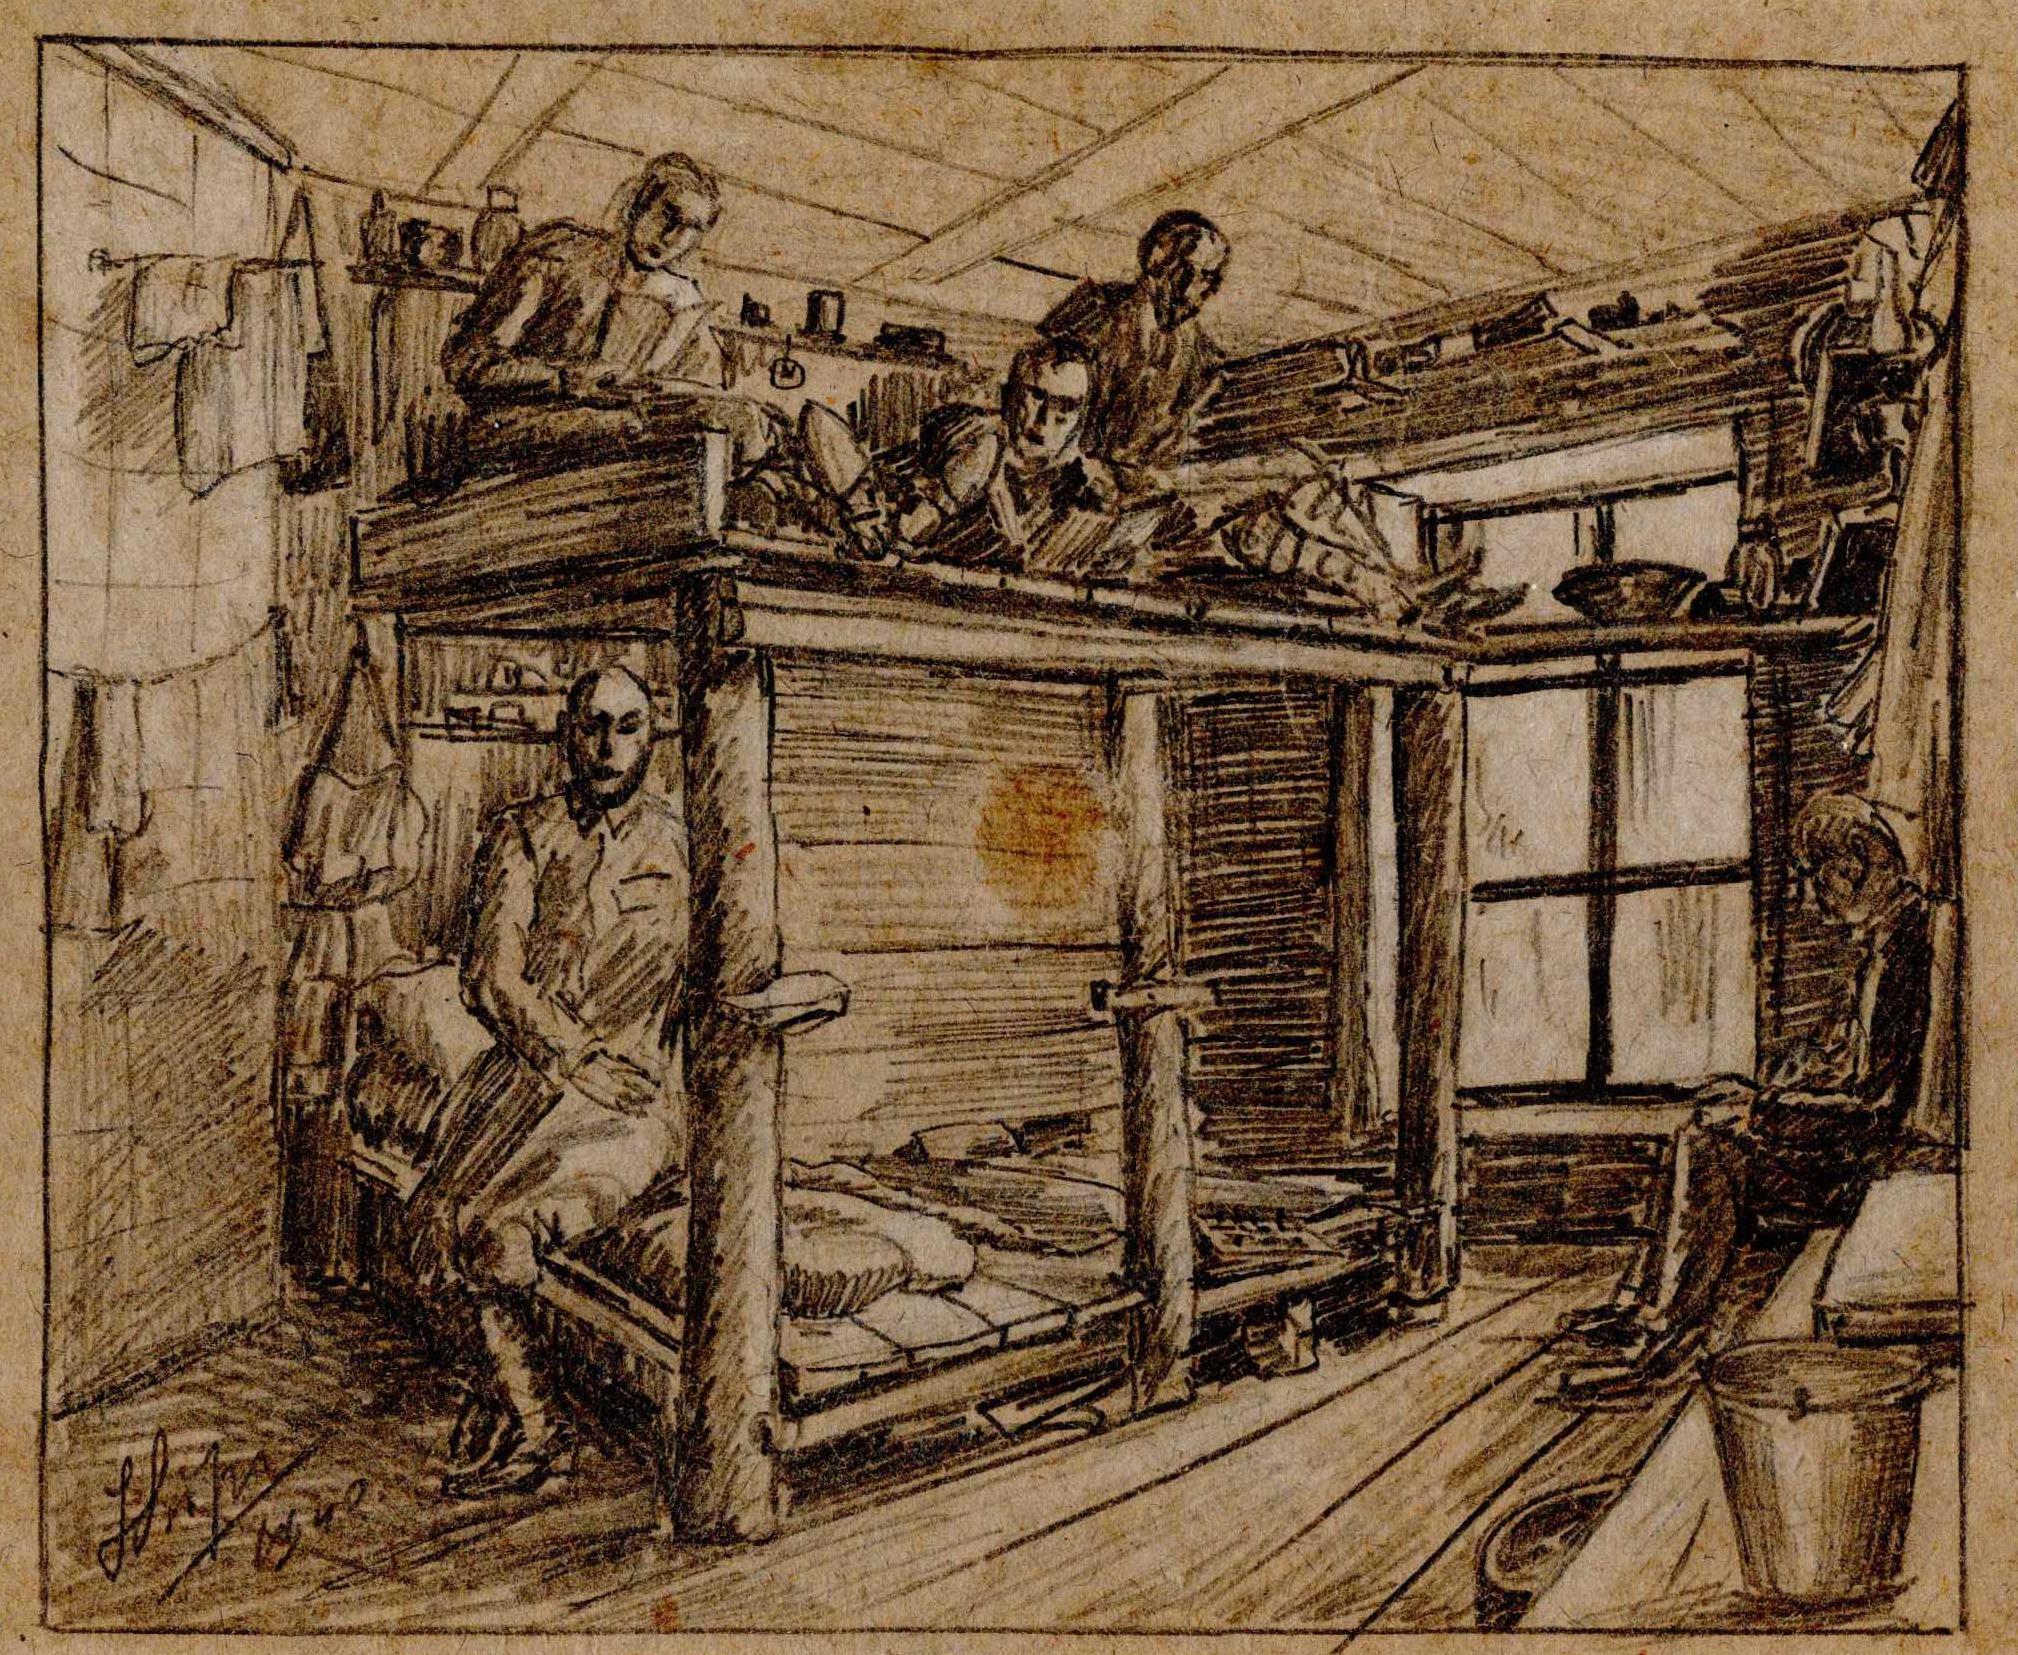 Rysunek przedstawiający wnętrze baraku. Widać pryczę piętrową orazleżących naniej więźniów. Józef Lipiński, 1940,